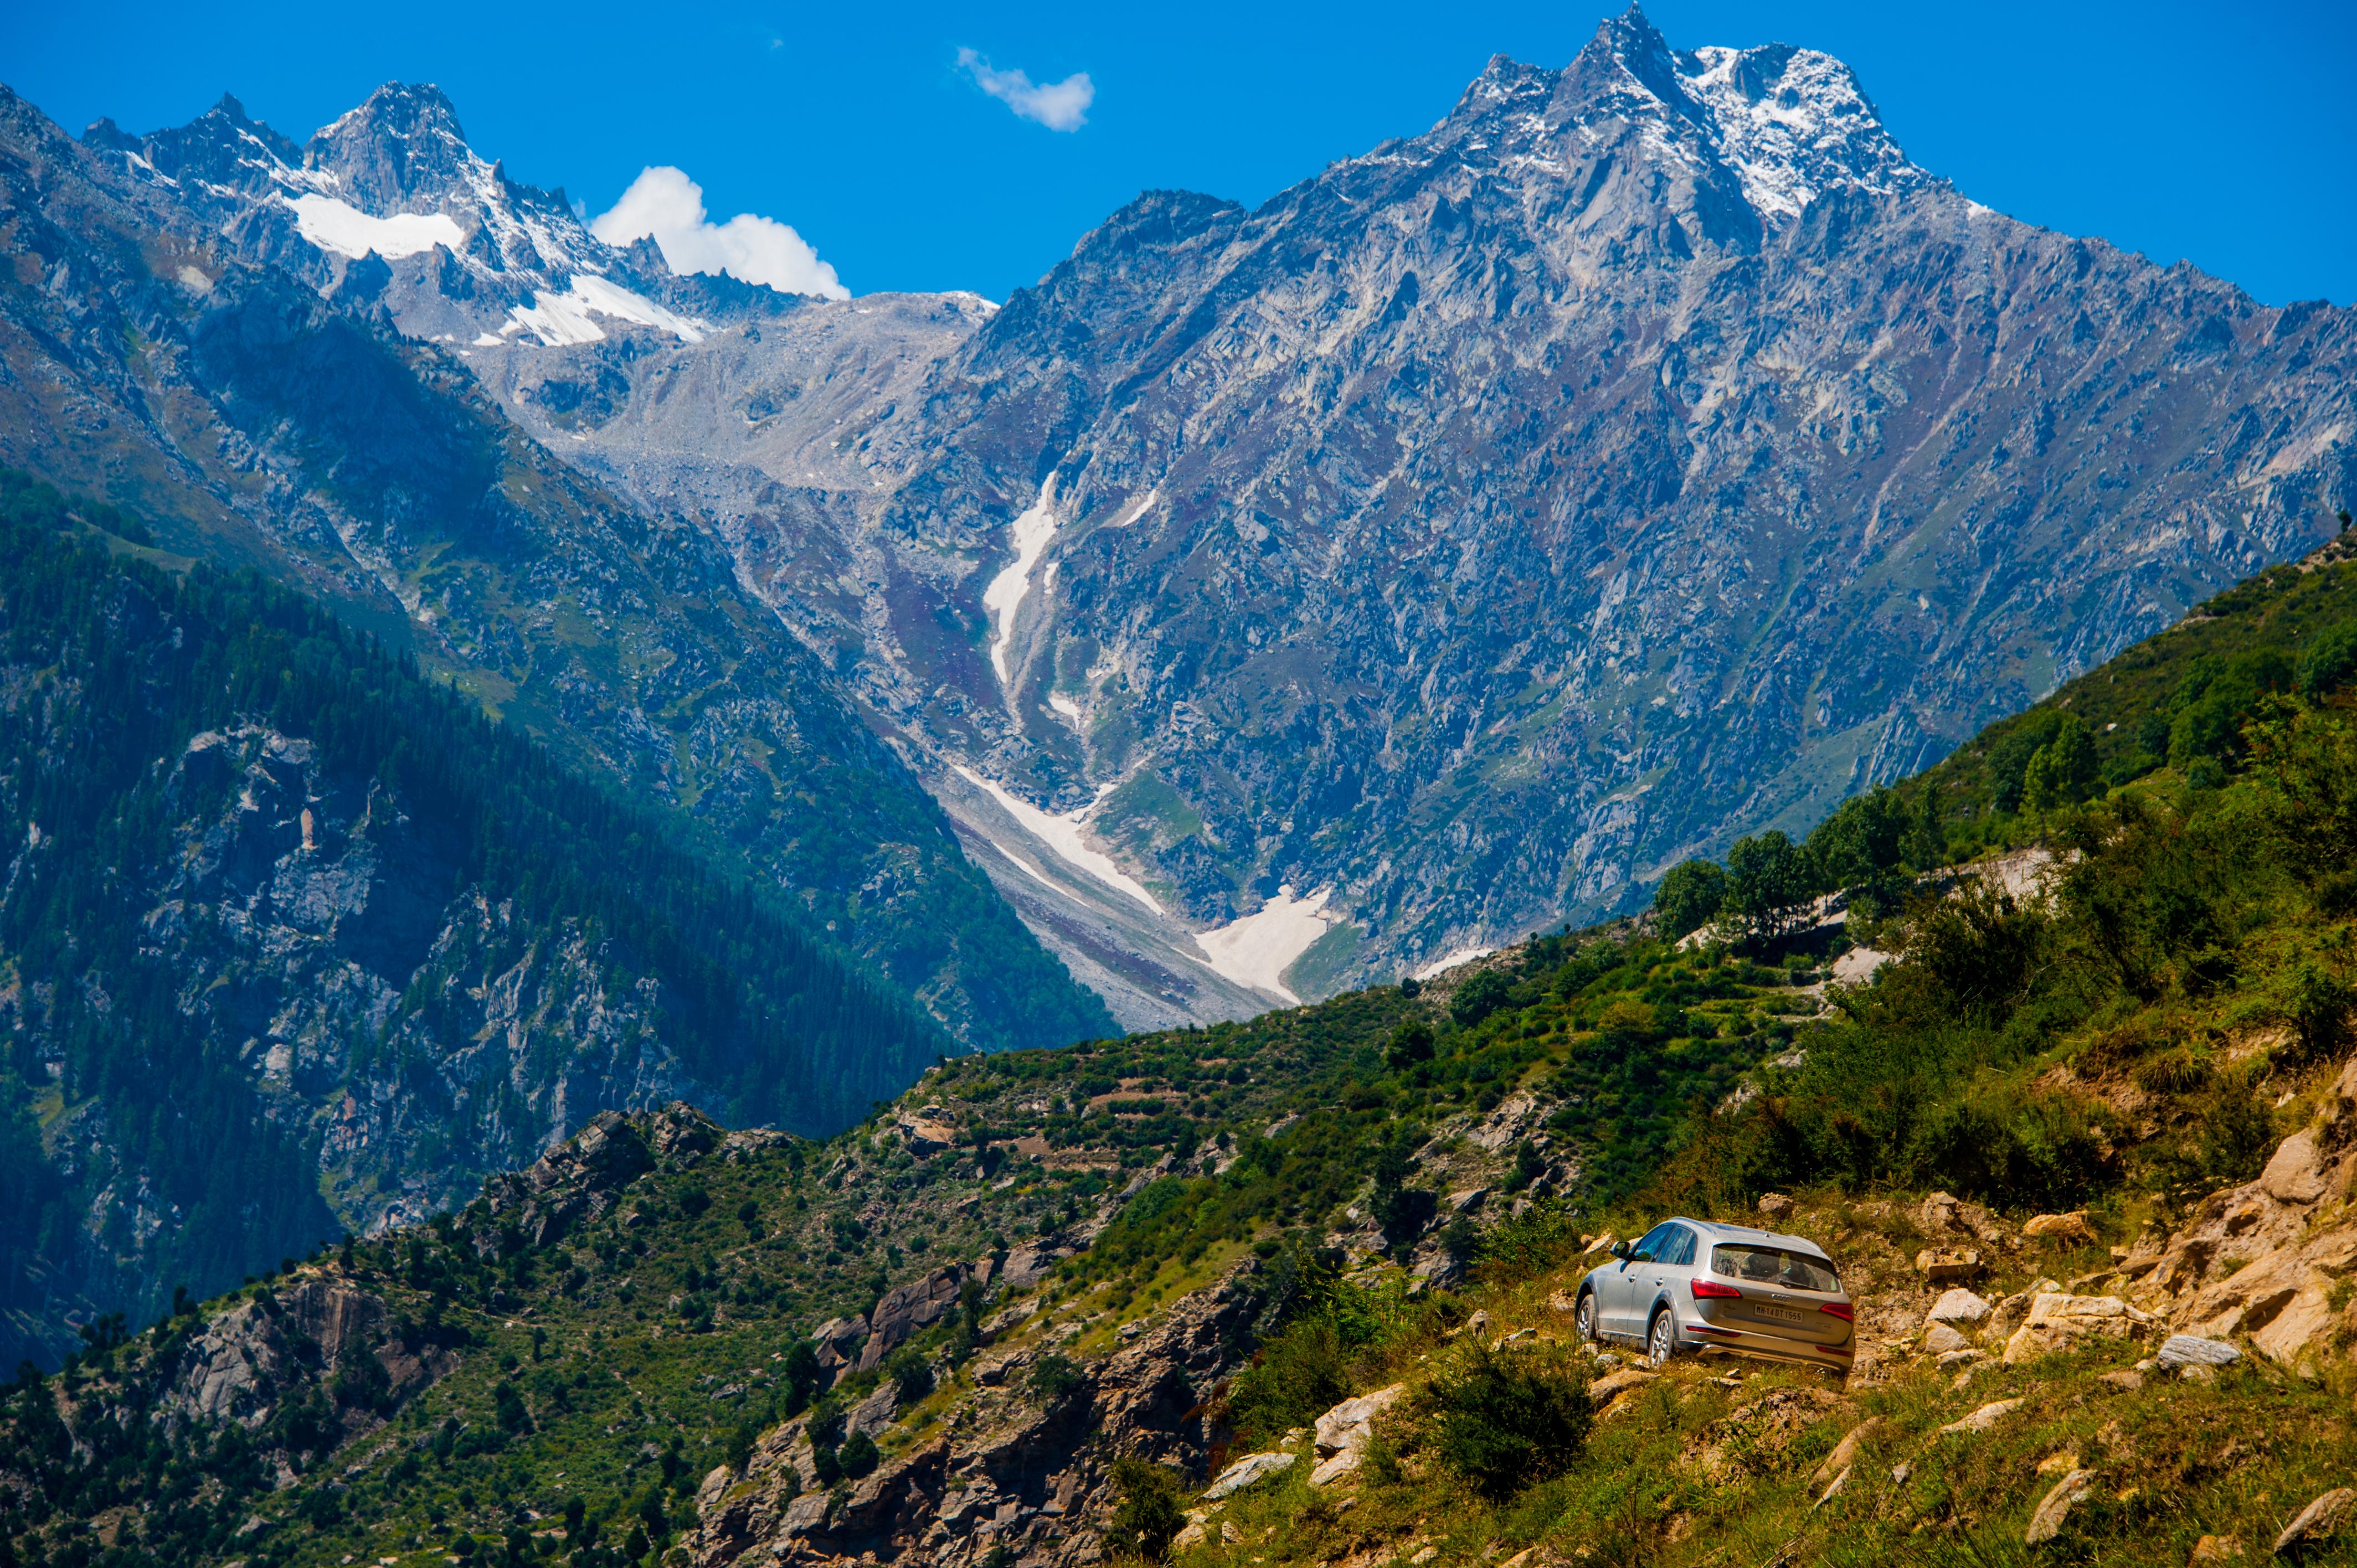 The Killar – Kishtwar Road in Kashmir